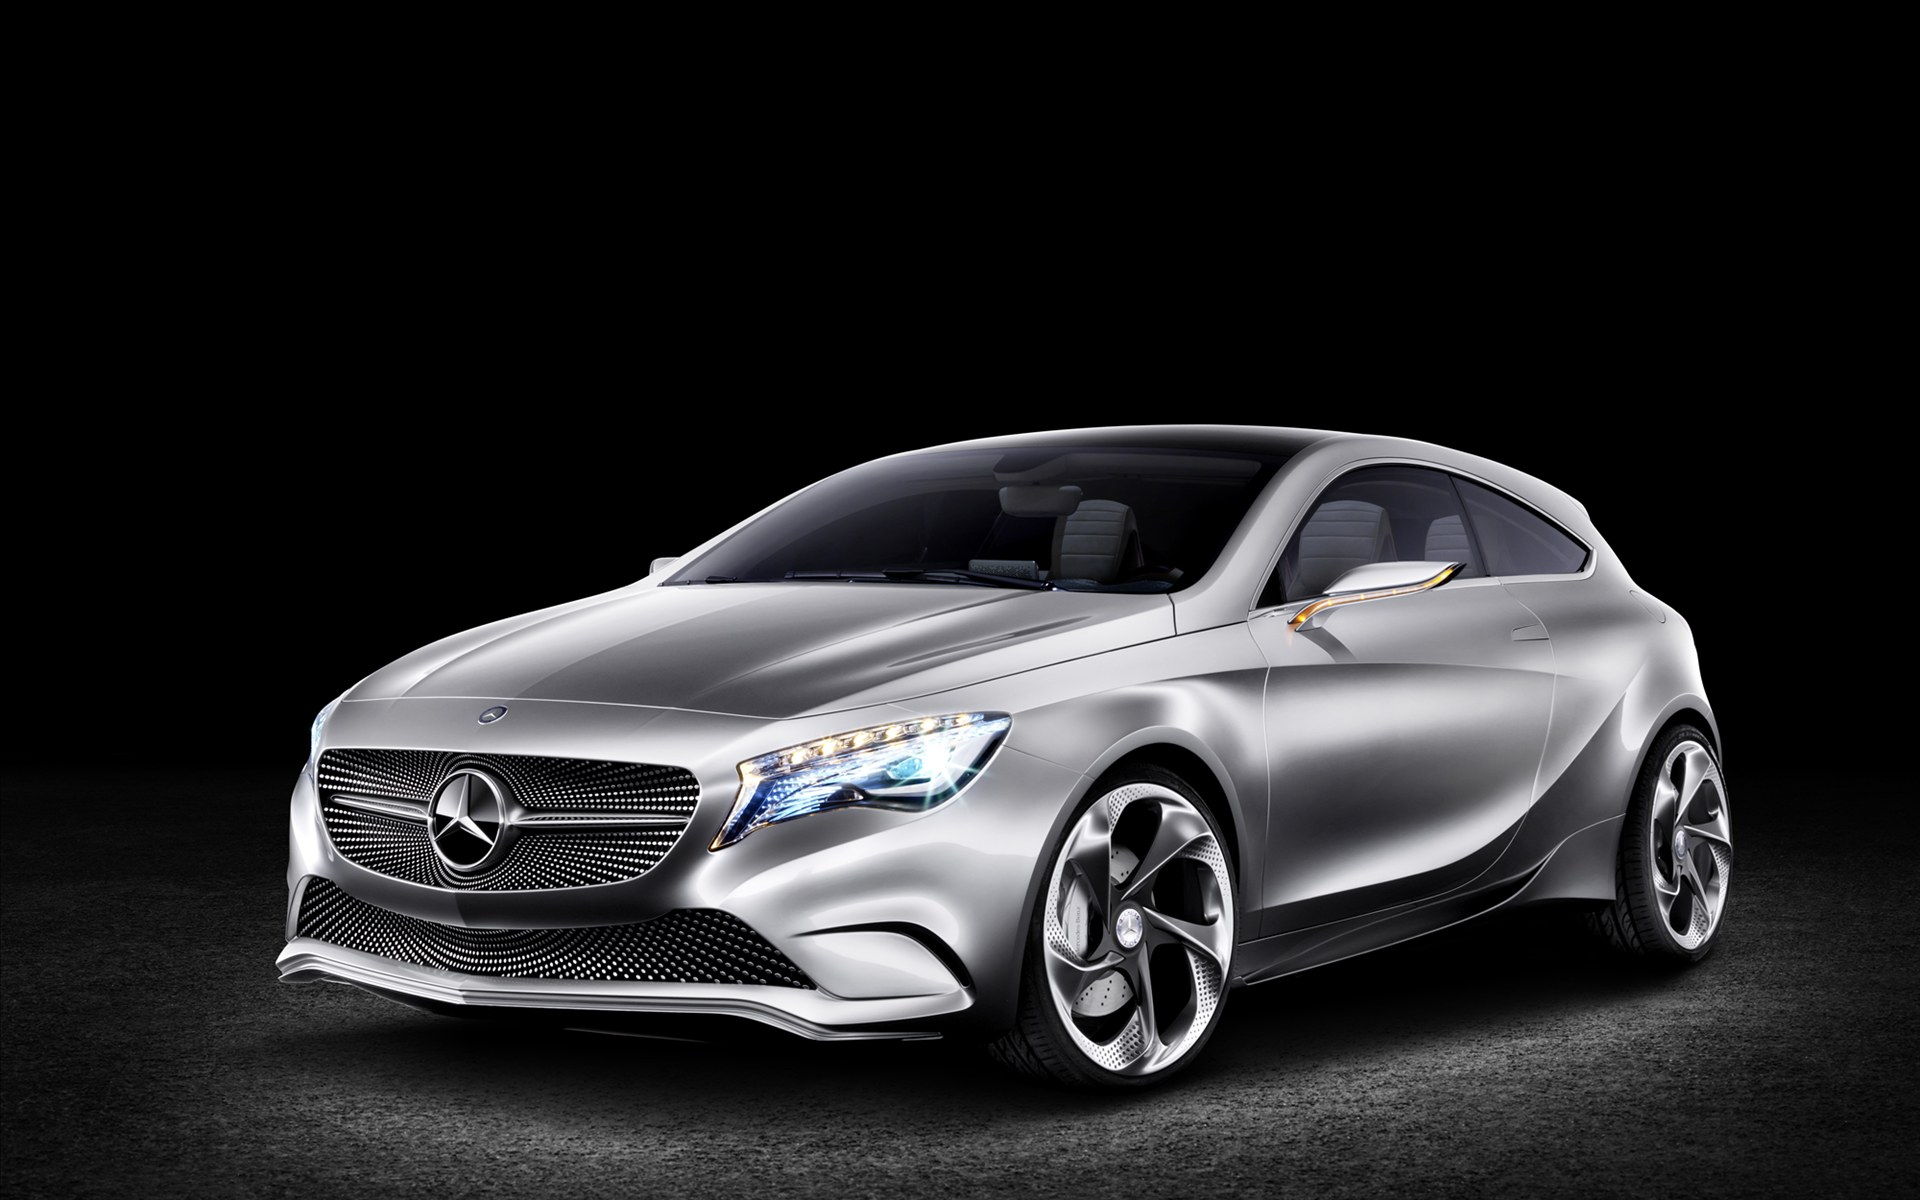 2011 mercedes benz concept a class wallpaper hd car. Black Bedroom Furniture Sets. Home Design Ideas